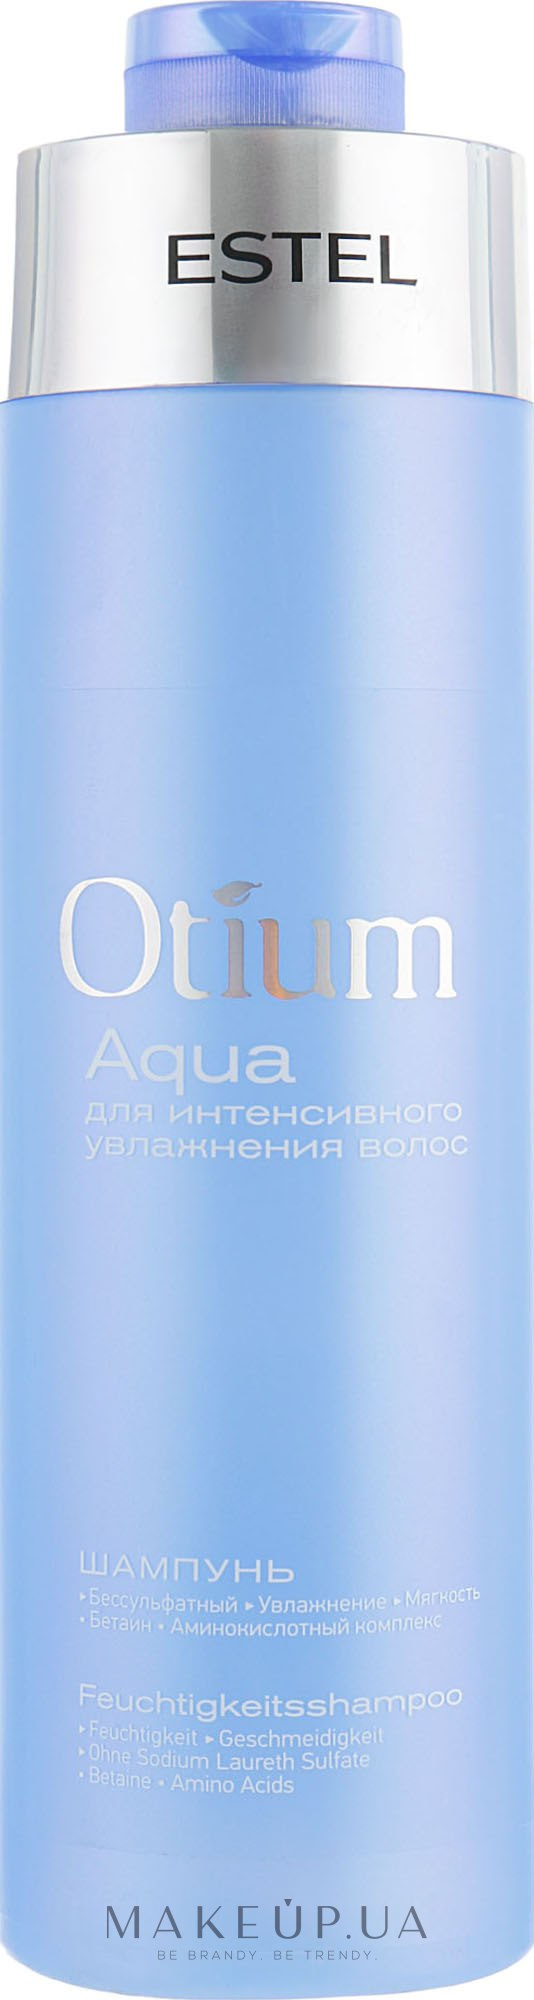 Шампунь для интенсивного увлажнения волос - Estel Professional Otium Aqua  — фото 1000ml